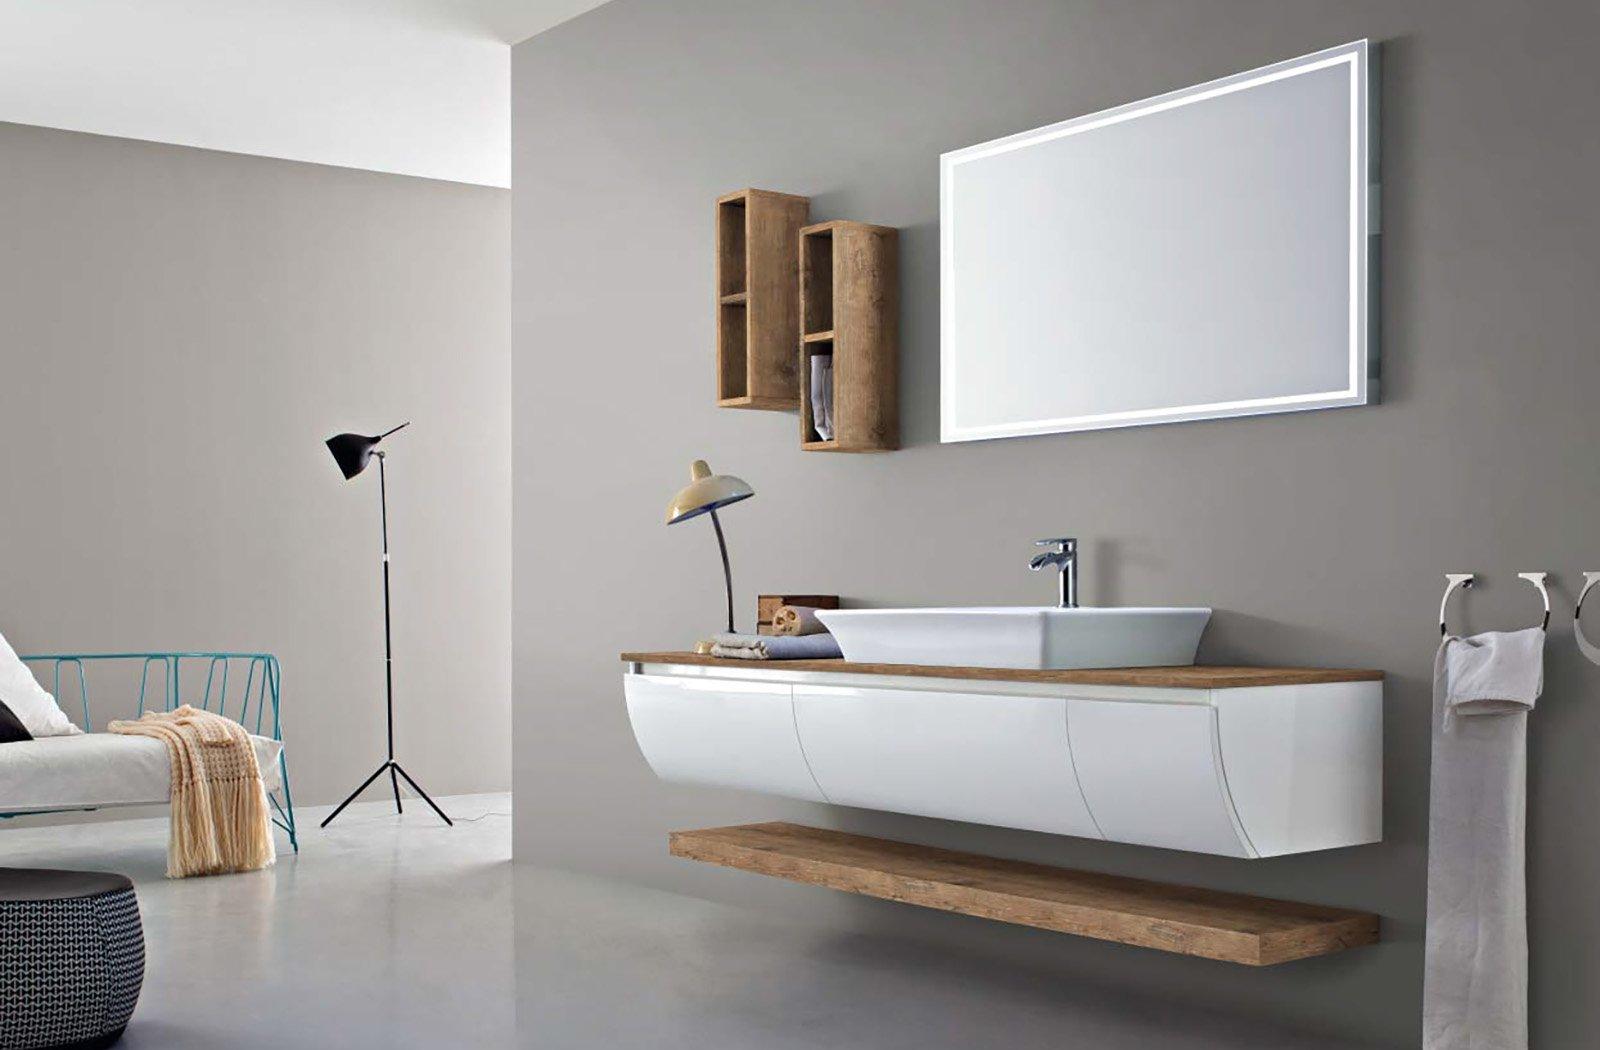 Joy of life by cerasa per arredare il bagno con for Designer di mobili los angeles